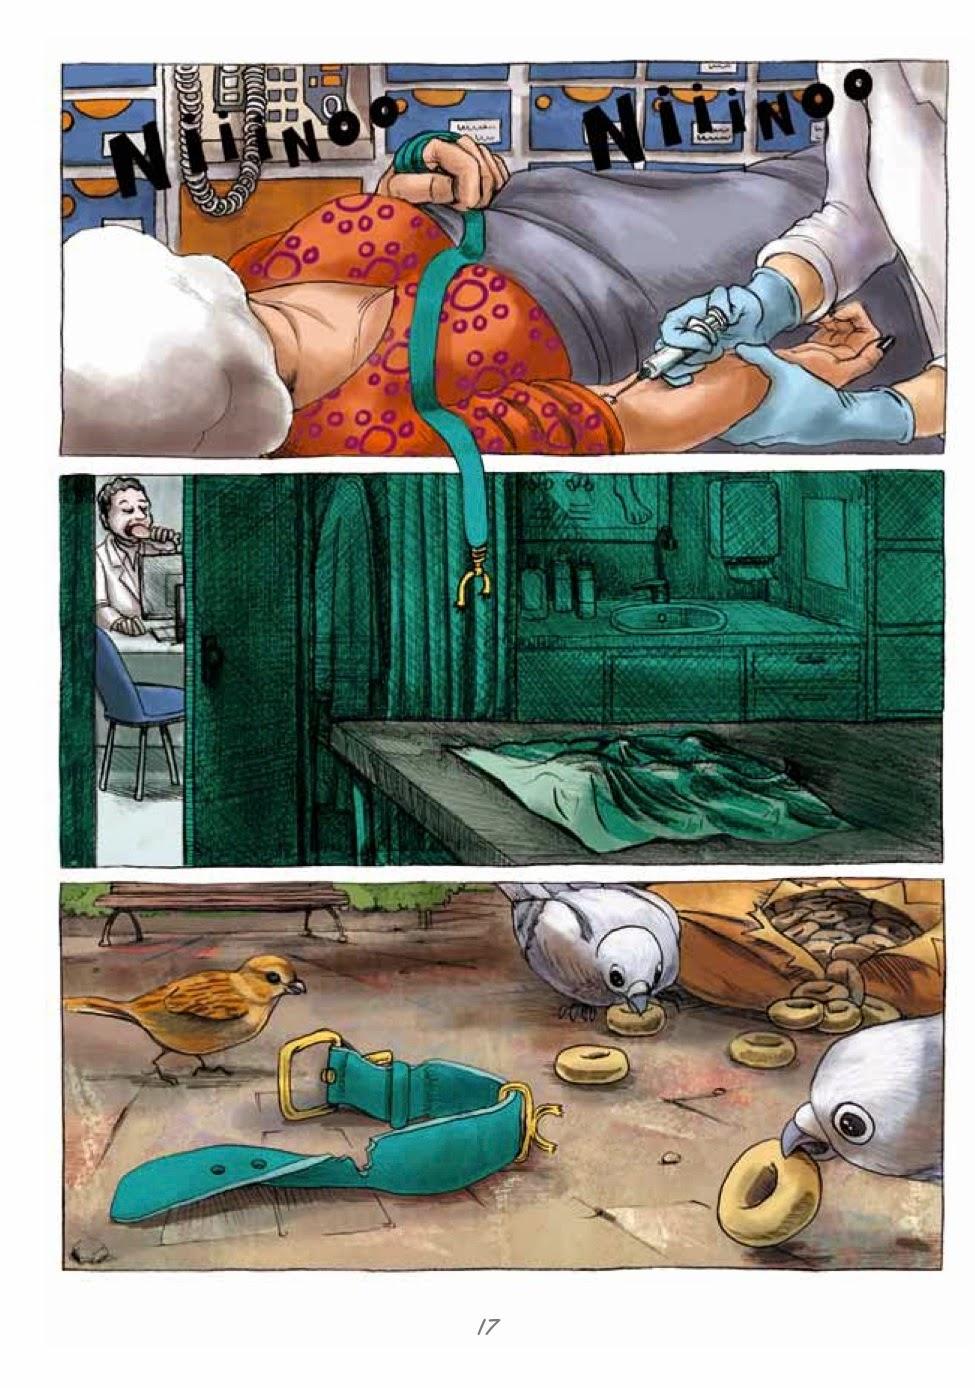 Recuerdos de Perrito de Mierda # 17 by Marta Alonso Berna, Dibbuks, March, 2014